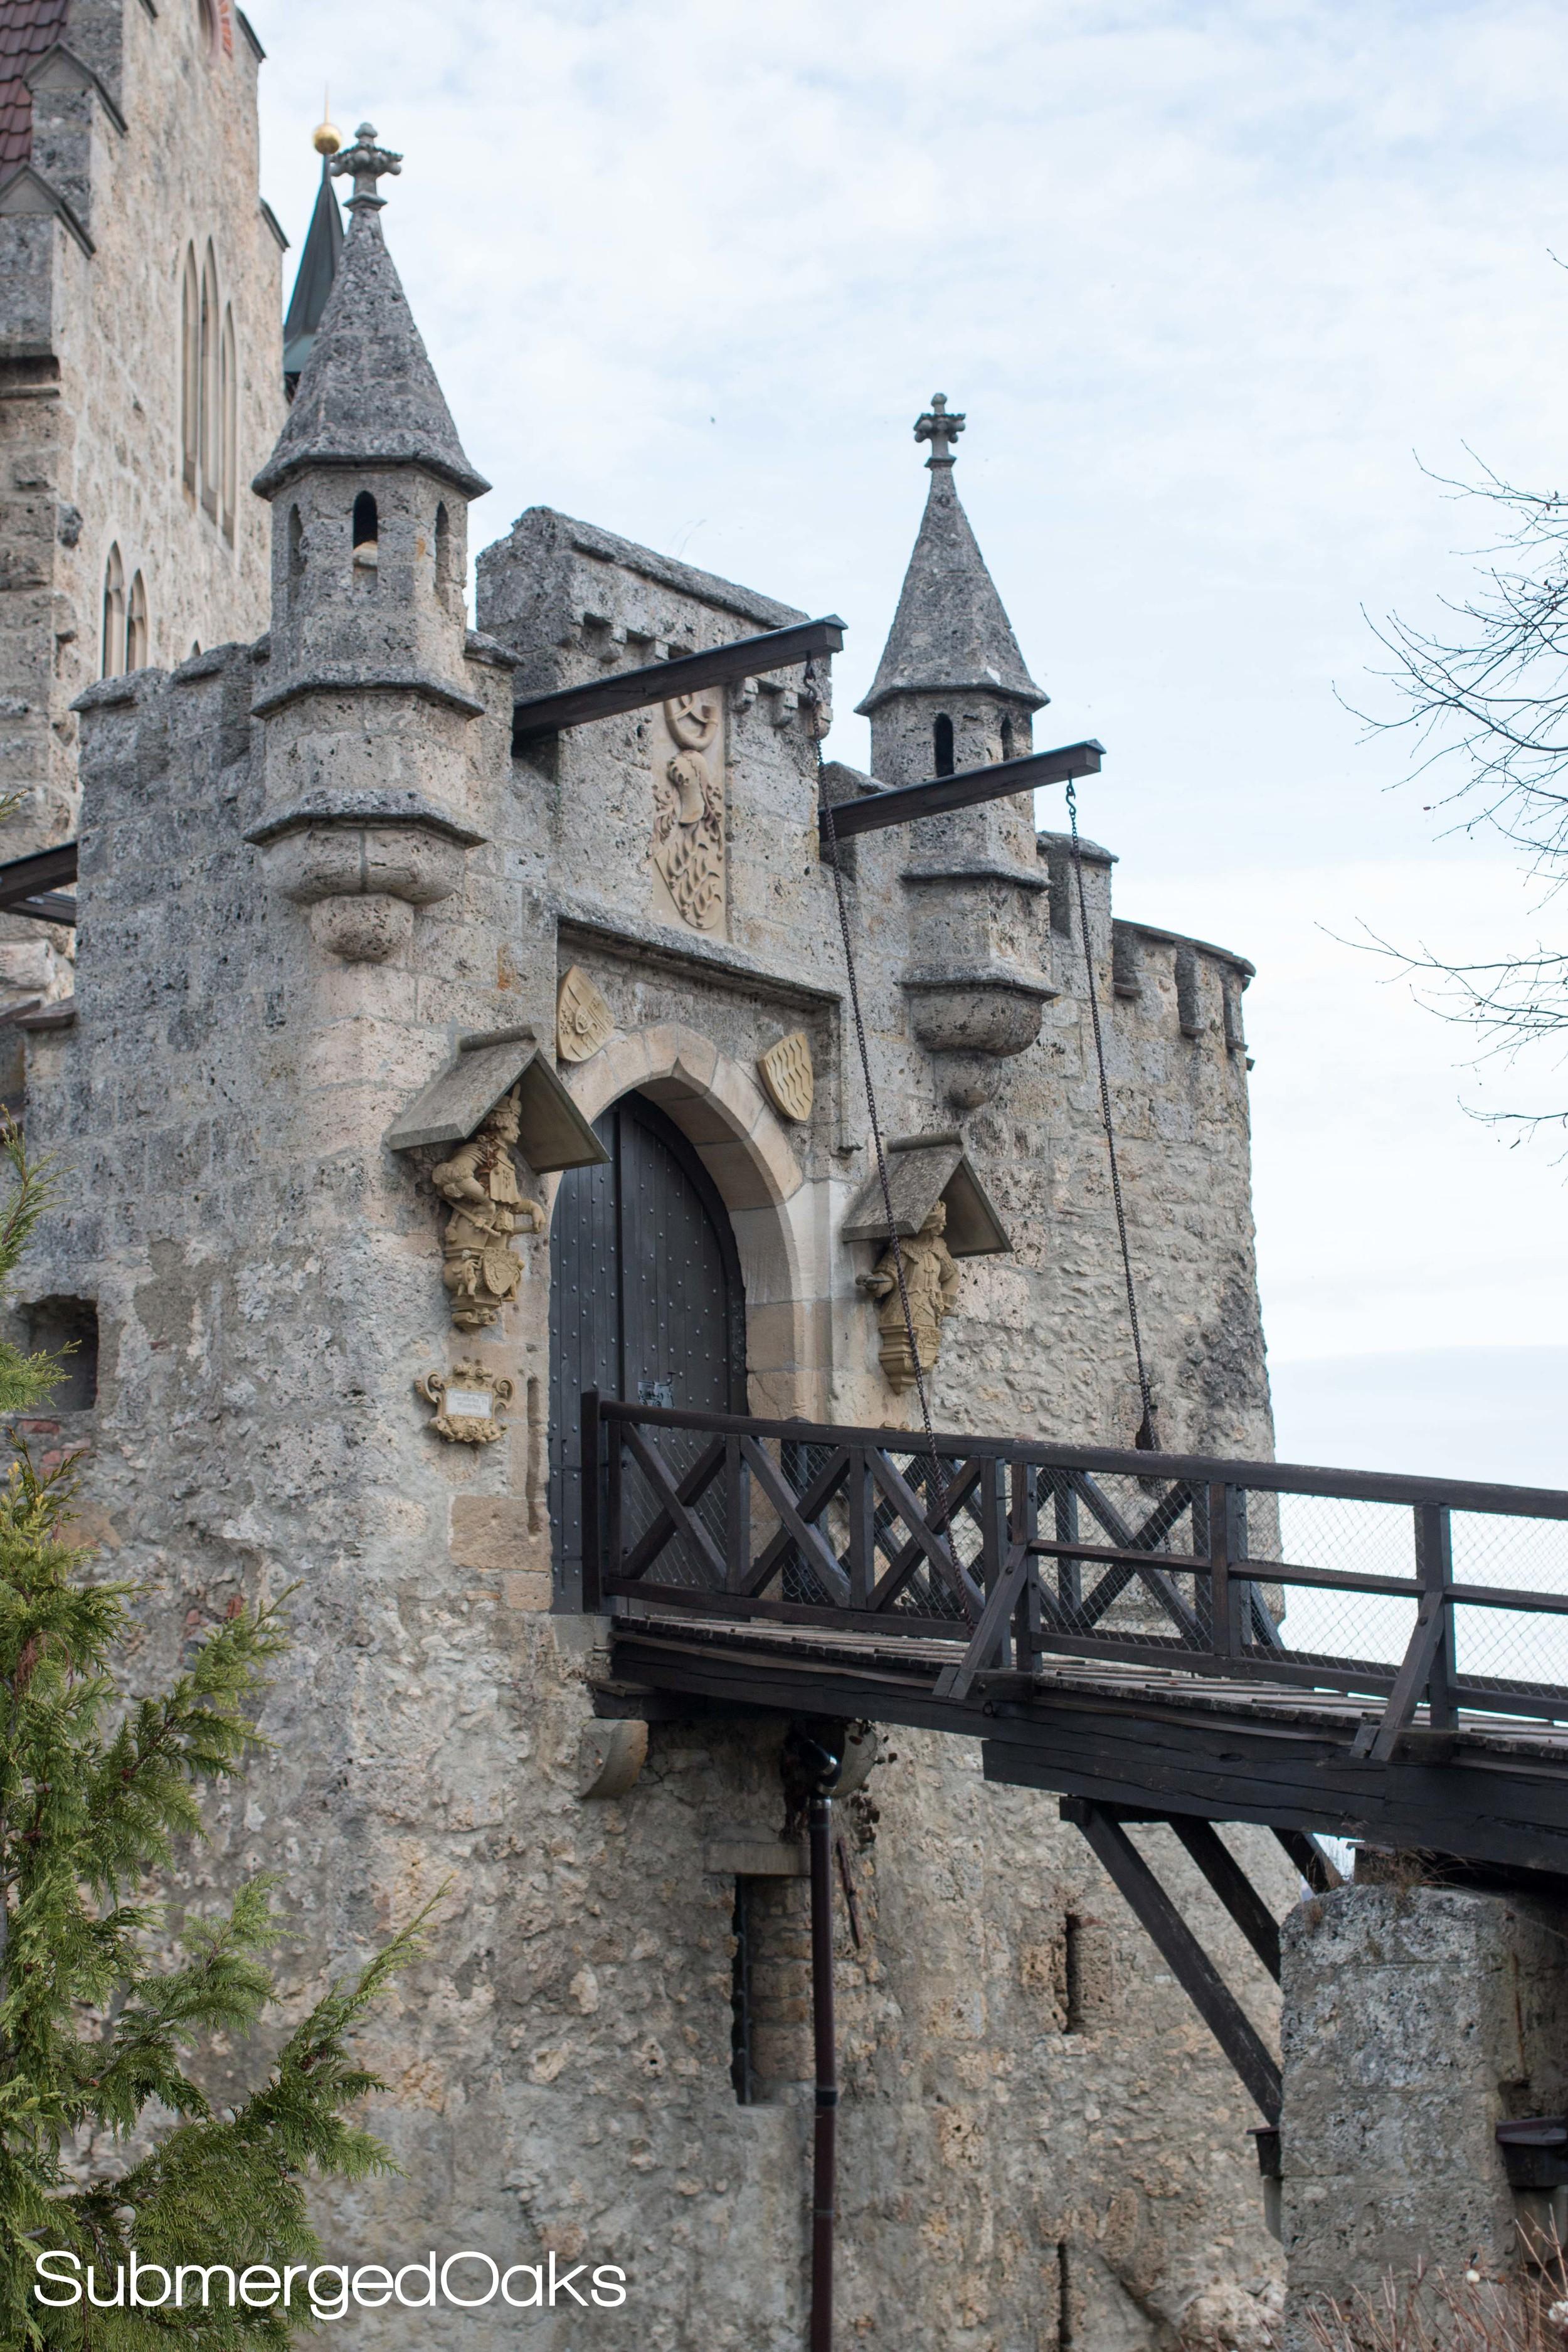 Drawbridge leading to the castle